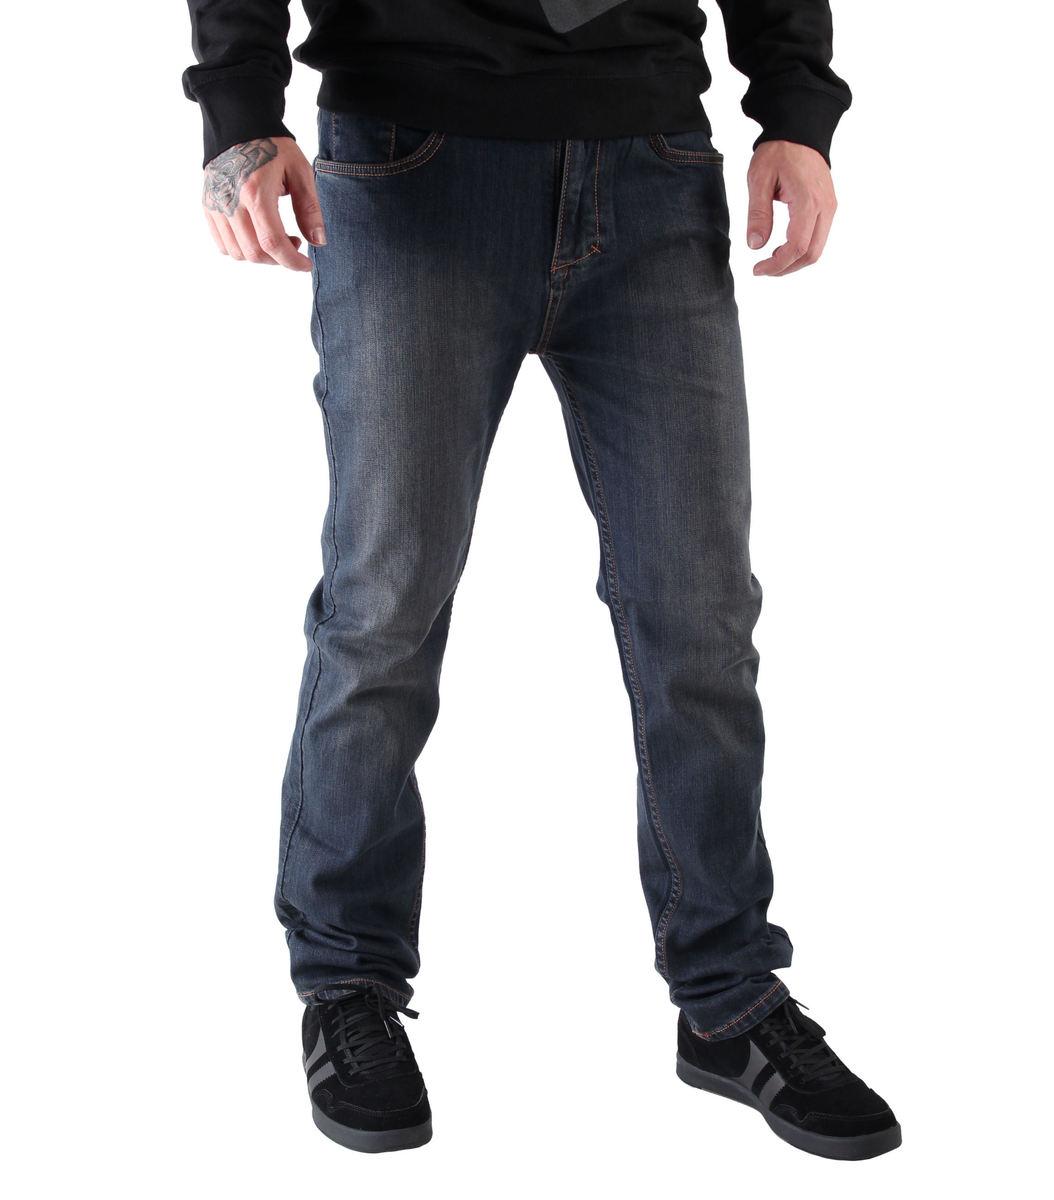 kalhoty pánské (jeansy) GLOBE - Coverdale - Broke - GB00936029